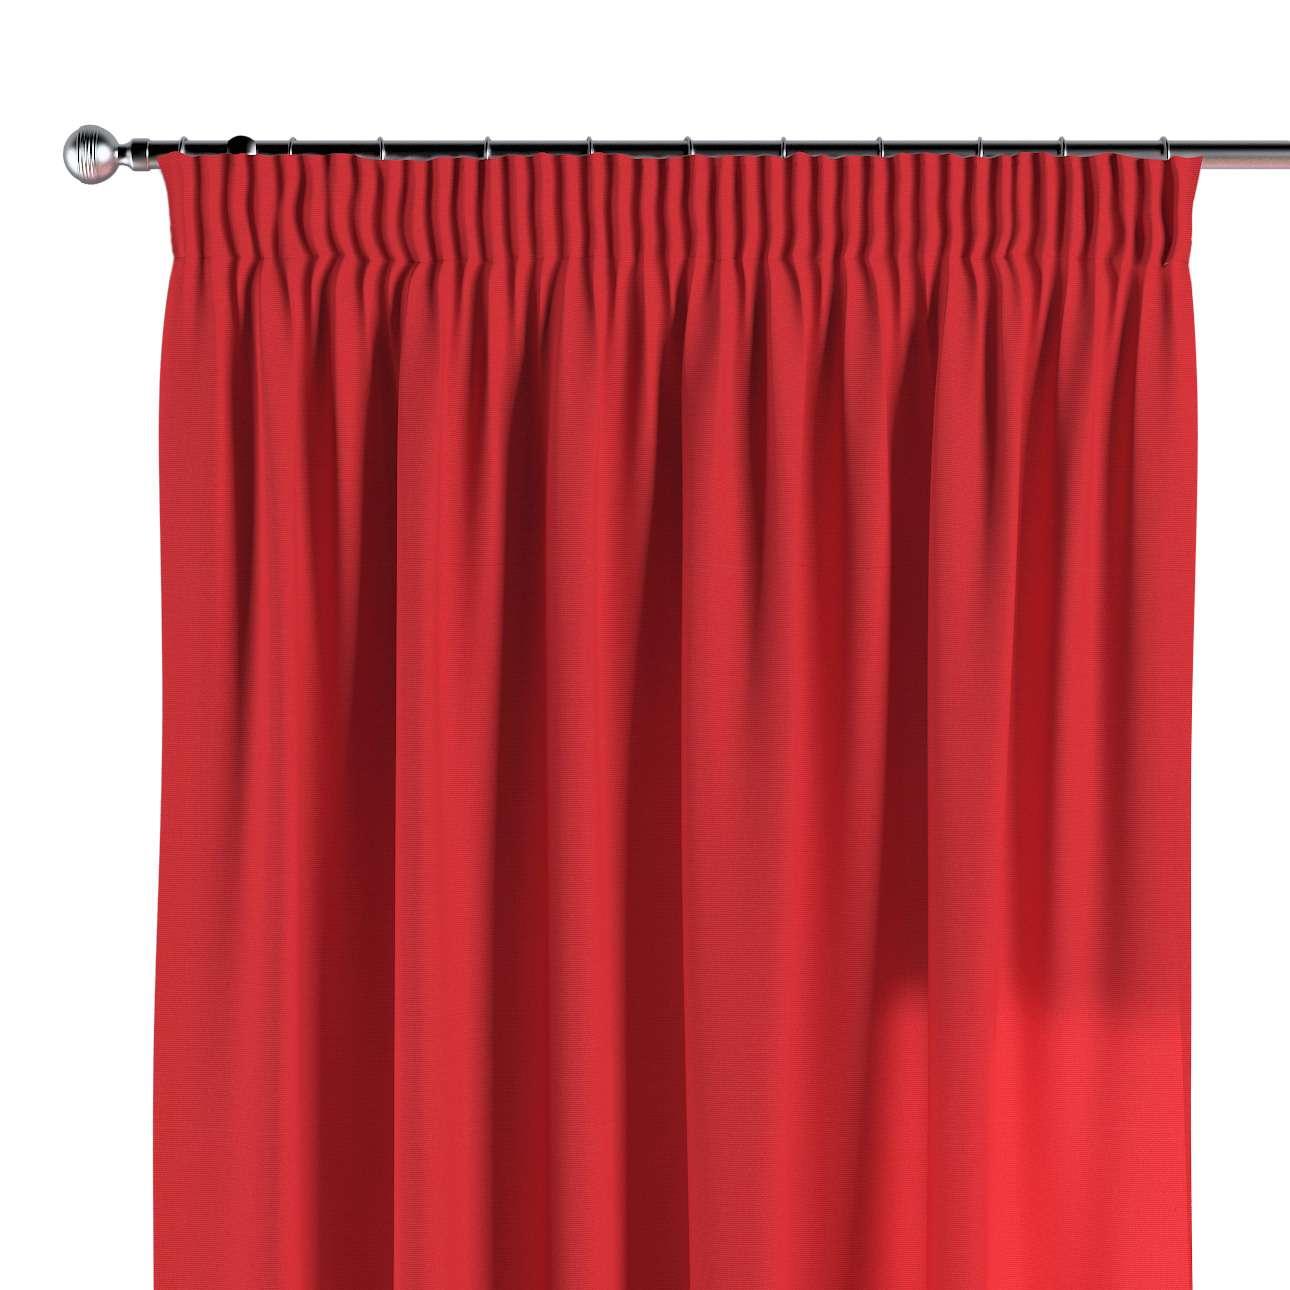 Vorhang mit Kräuselband 130 x 260 cm von der Kollektion Loneta, Stoff: 133-43